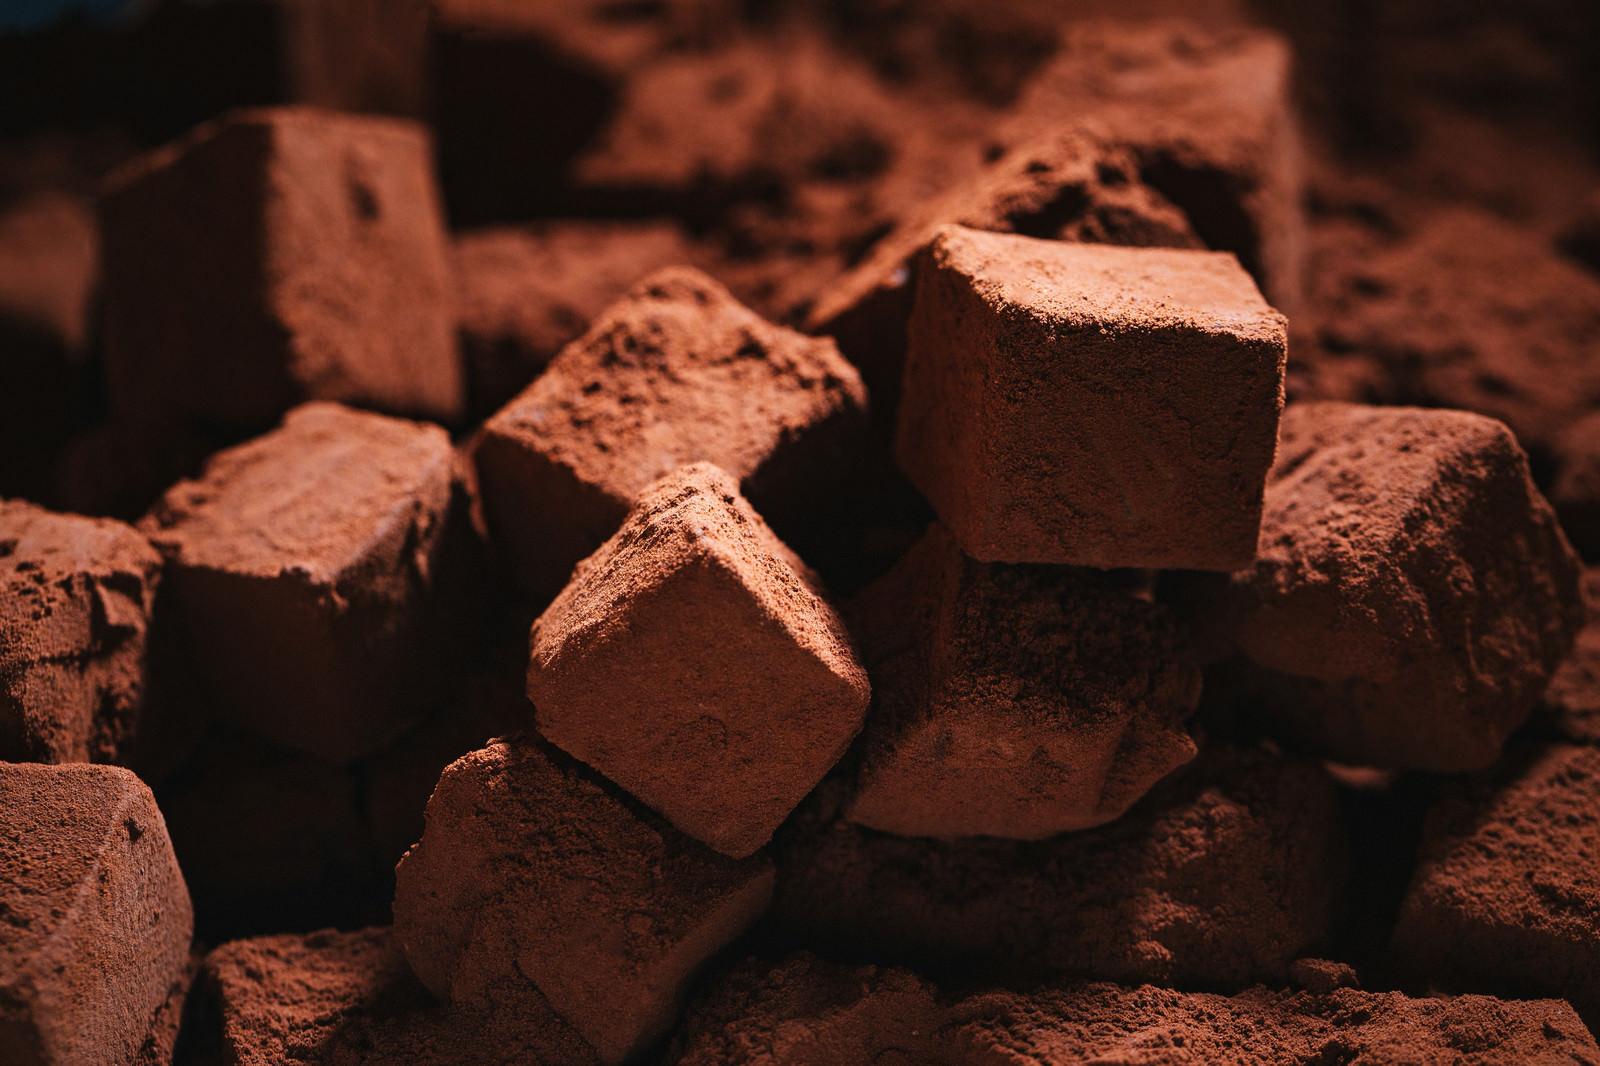 「生チョコ フリー素材」の画像検索結果